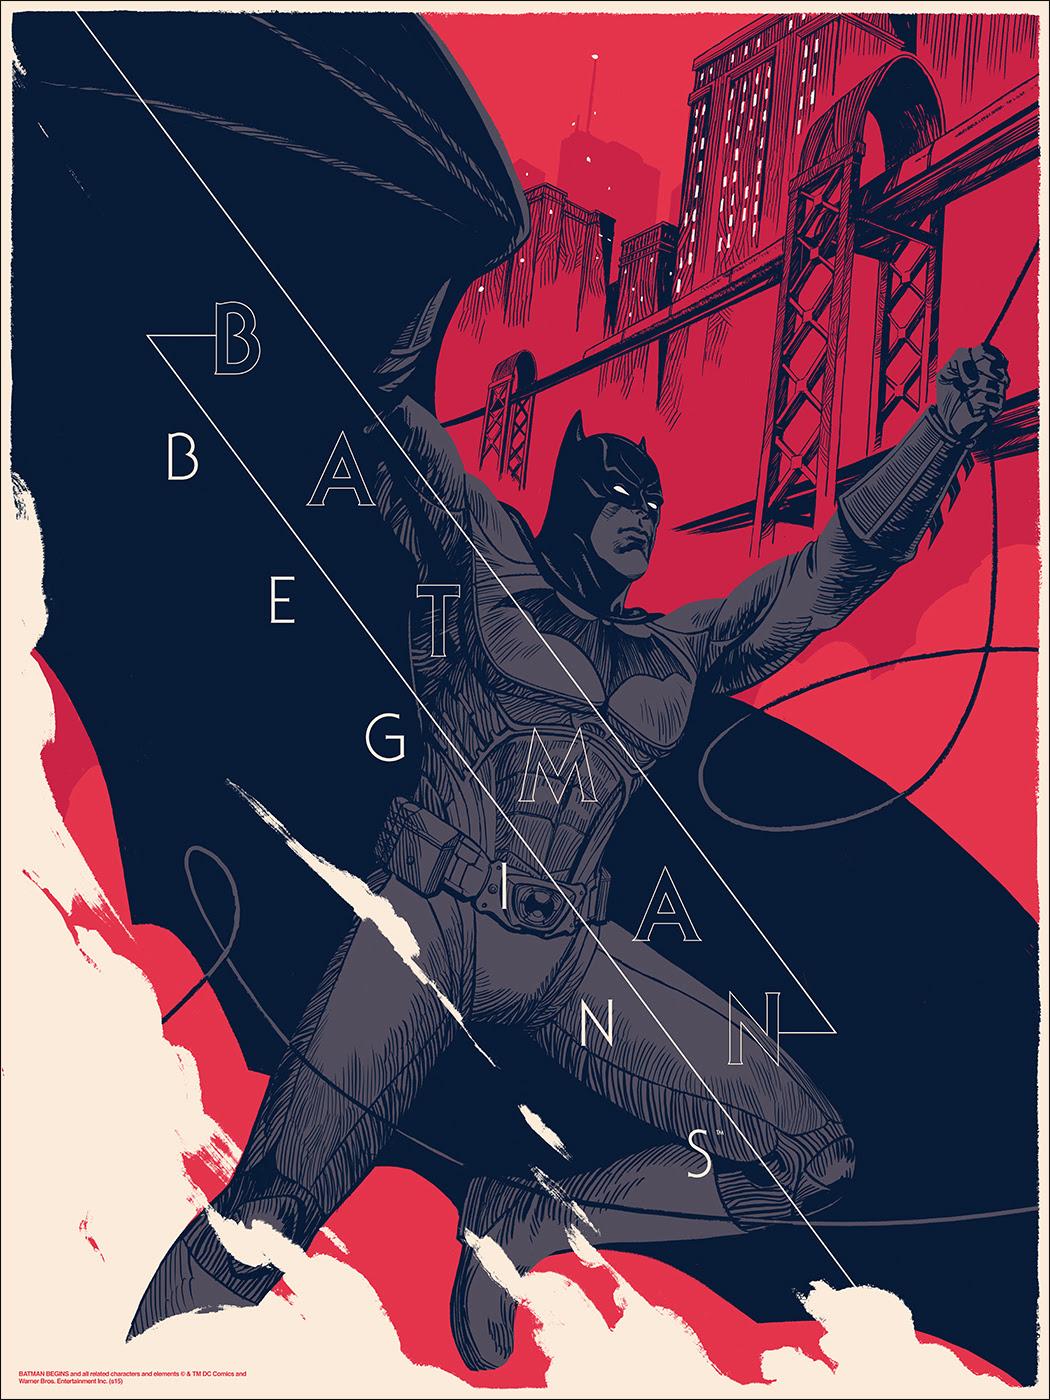 inside the rock poster frame blog batman begins amp batgirl